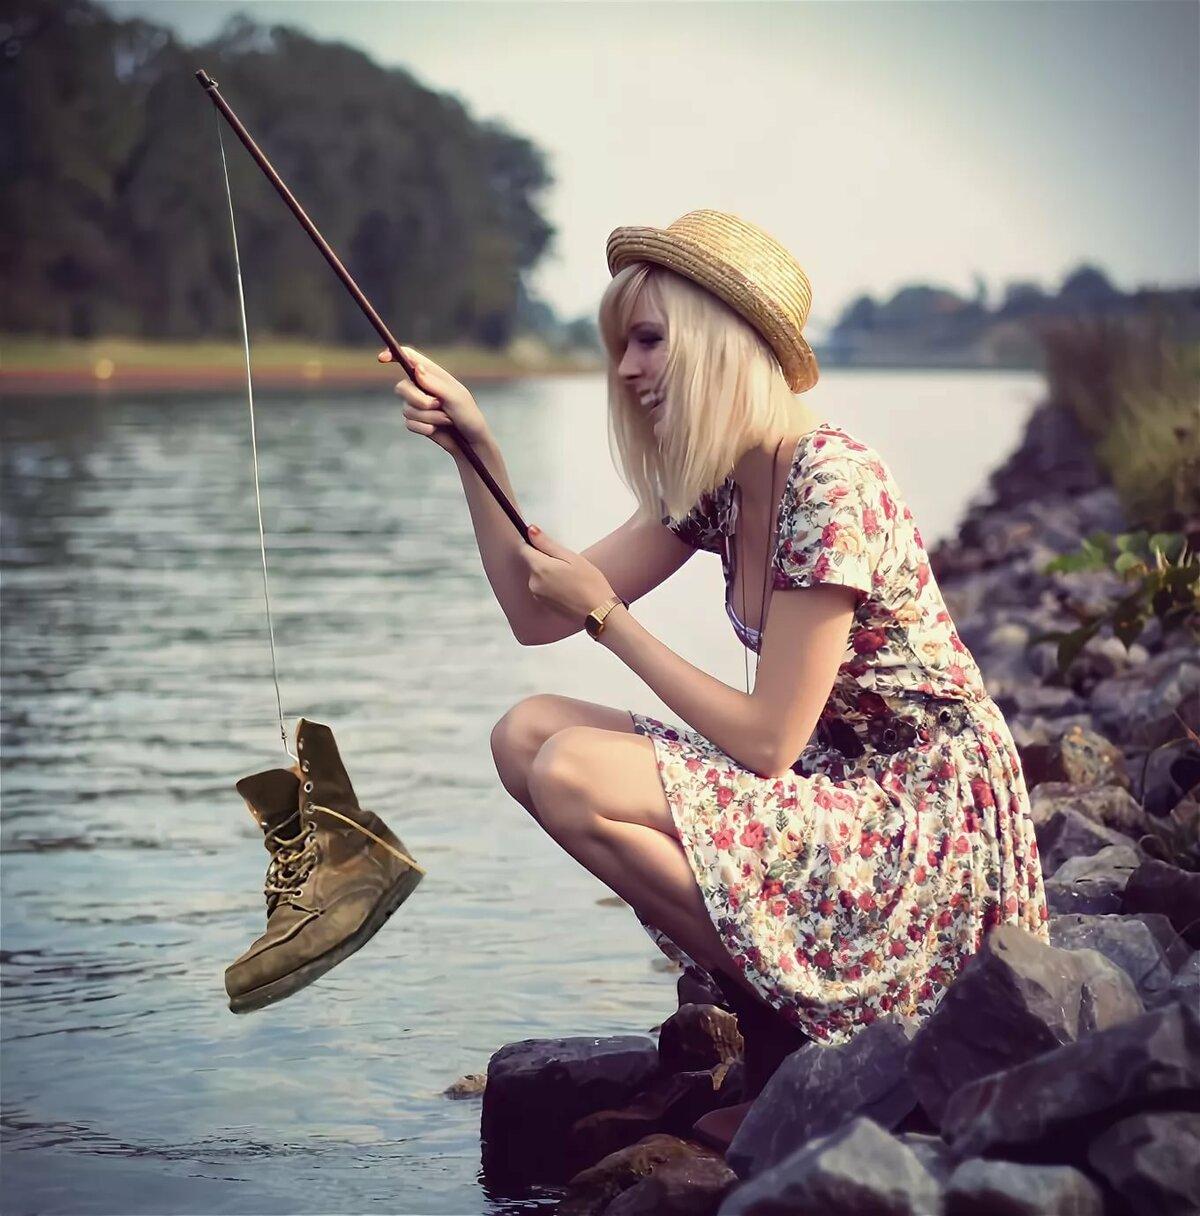 правильность достоверность прикольные фото рыбачек гарантируем, что